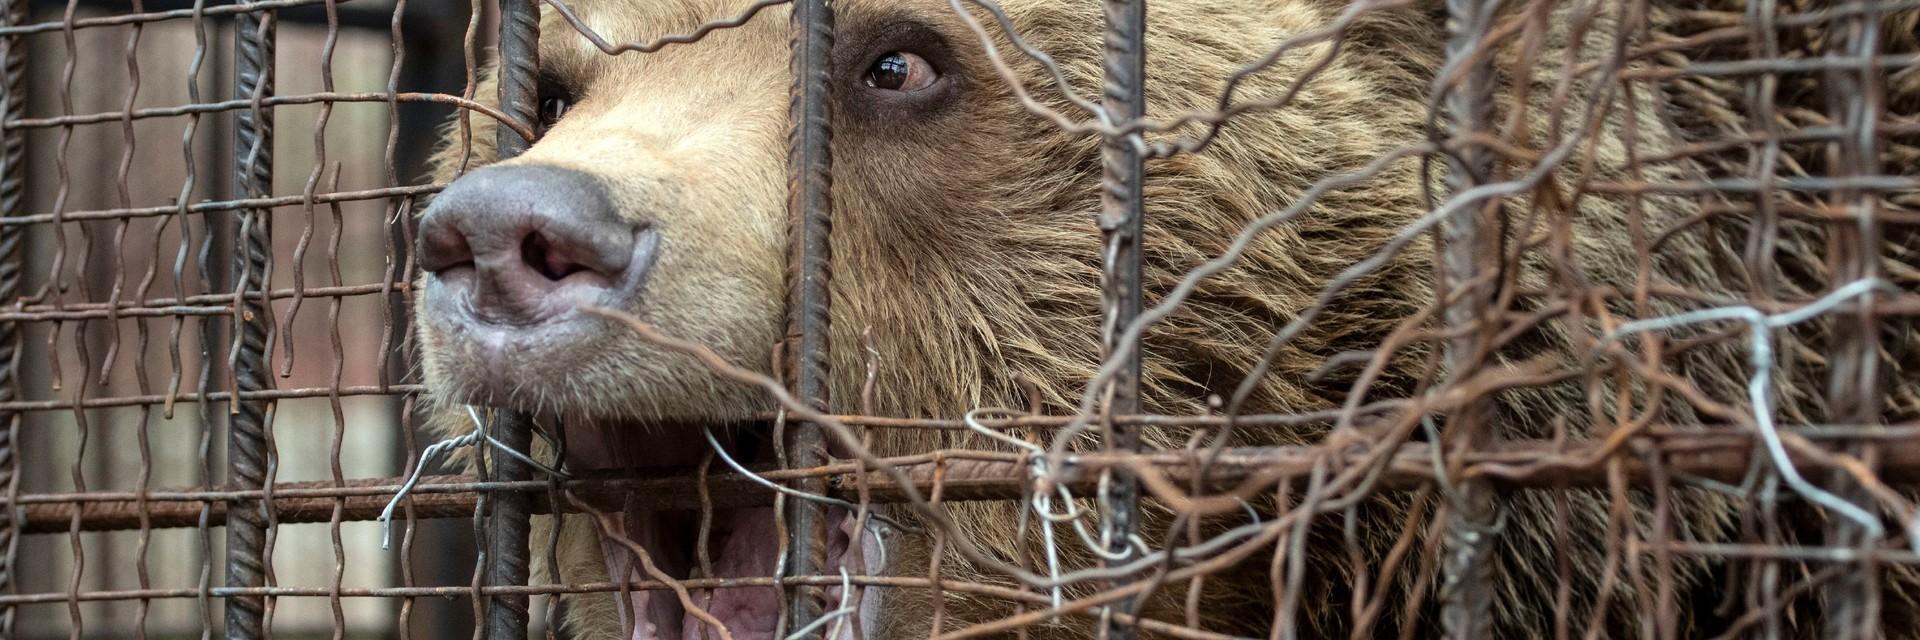 Bär Teddy in seinem winzigen Käfig